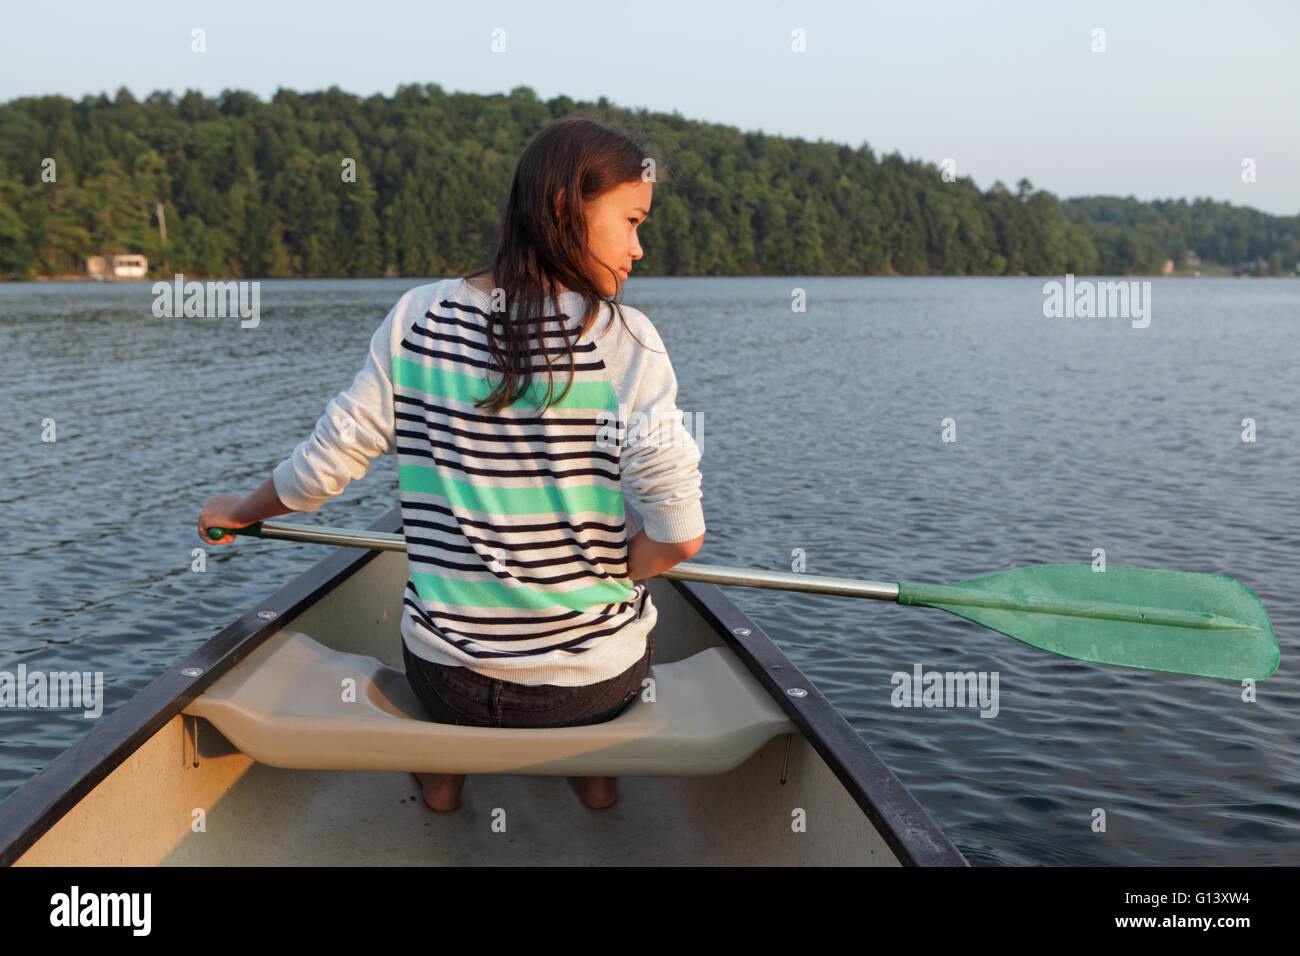 Ragazza giovane paddling una canoa su un lago calmo in Western Vermont in estate Immagini Stock